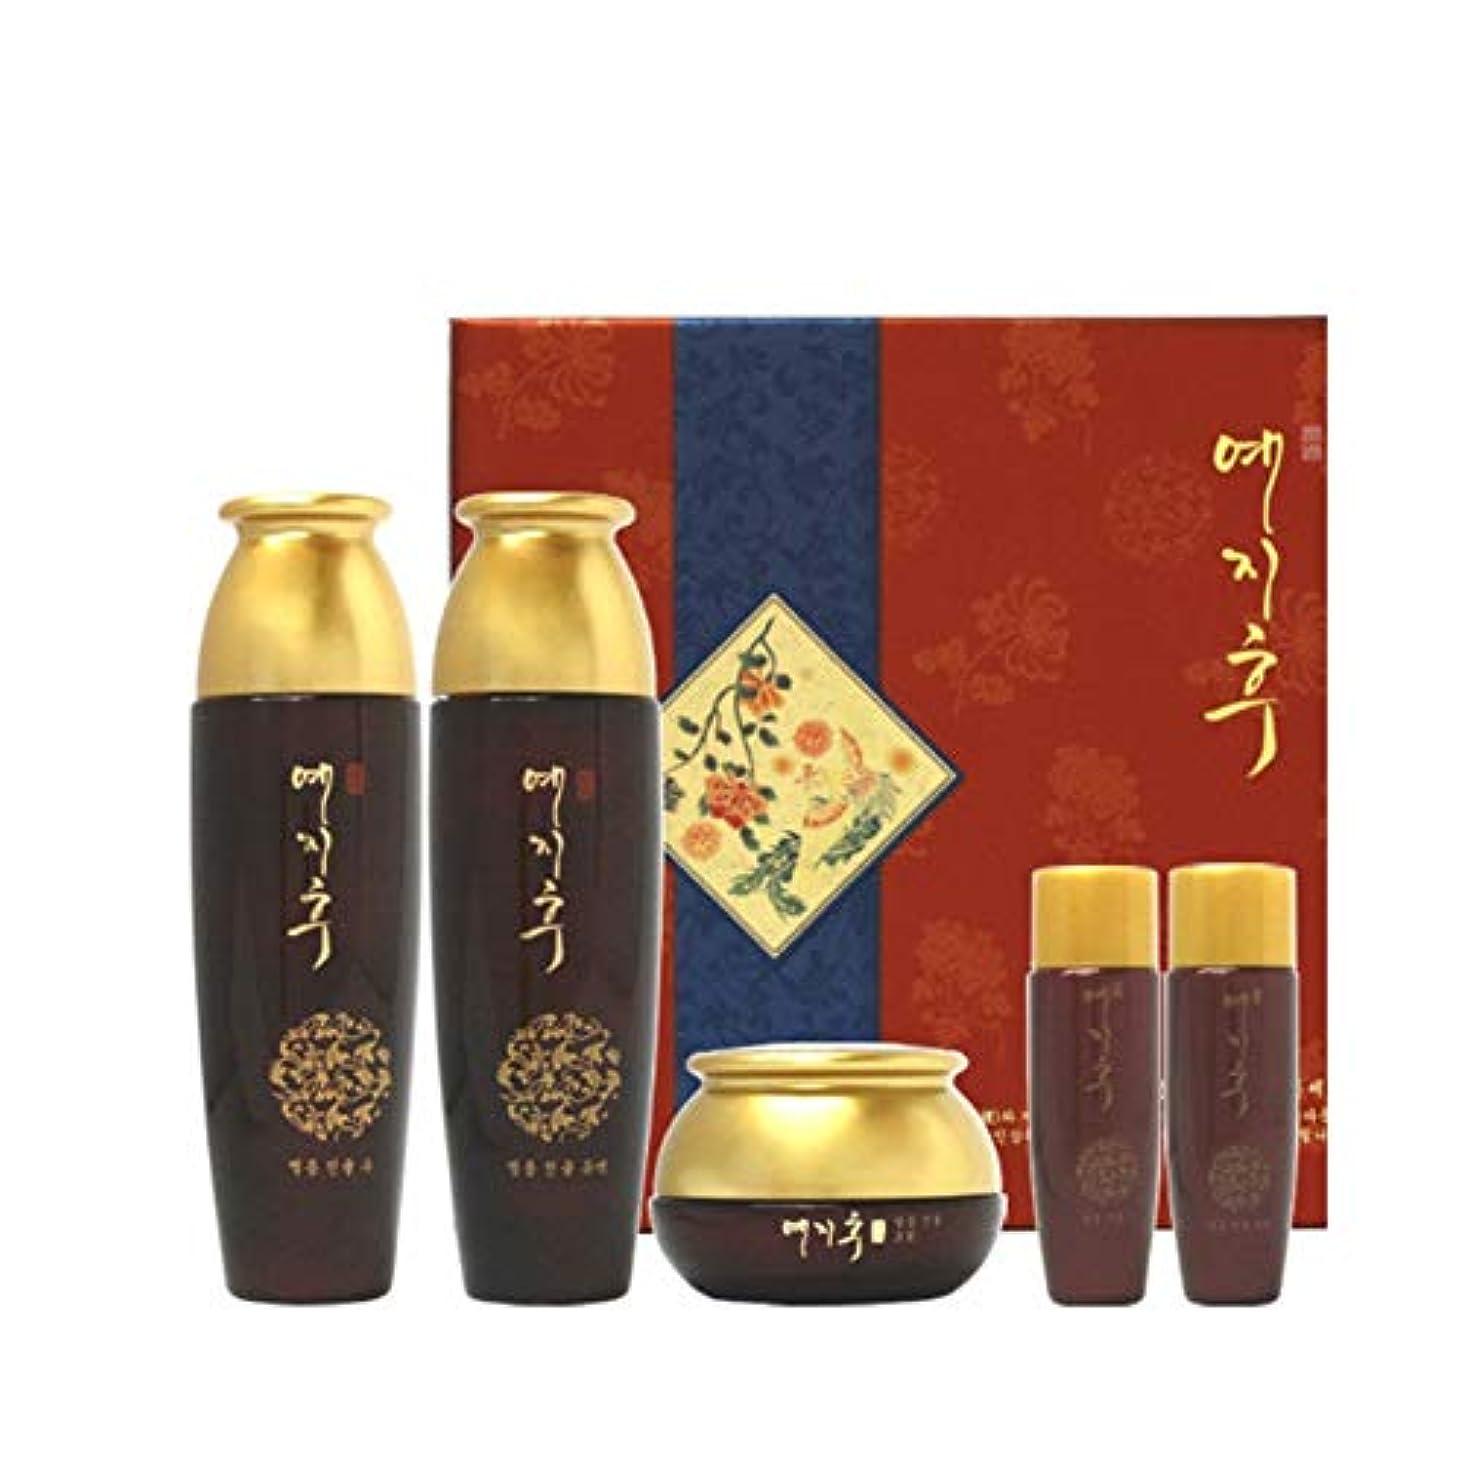 しないでください抑圧する争いイェジフブランドジャムヤング女性3種セットジンユル水180ml(150+30)ジンユル乳液180ml(150+30)ジンユルクリーム50g、Yezihu 3 Sets of Women's Luxury Cosmetics...